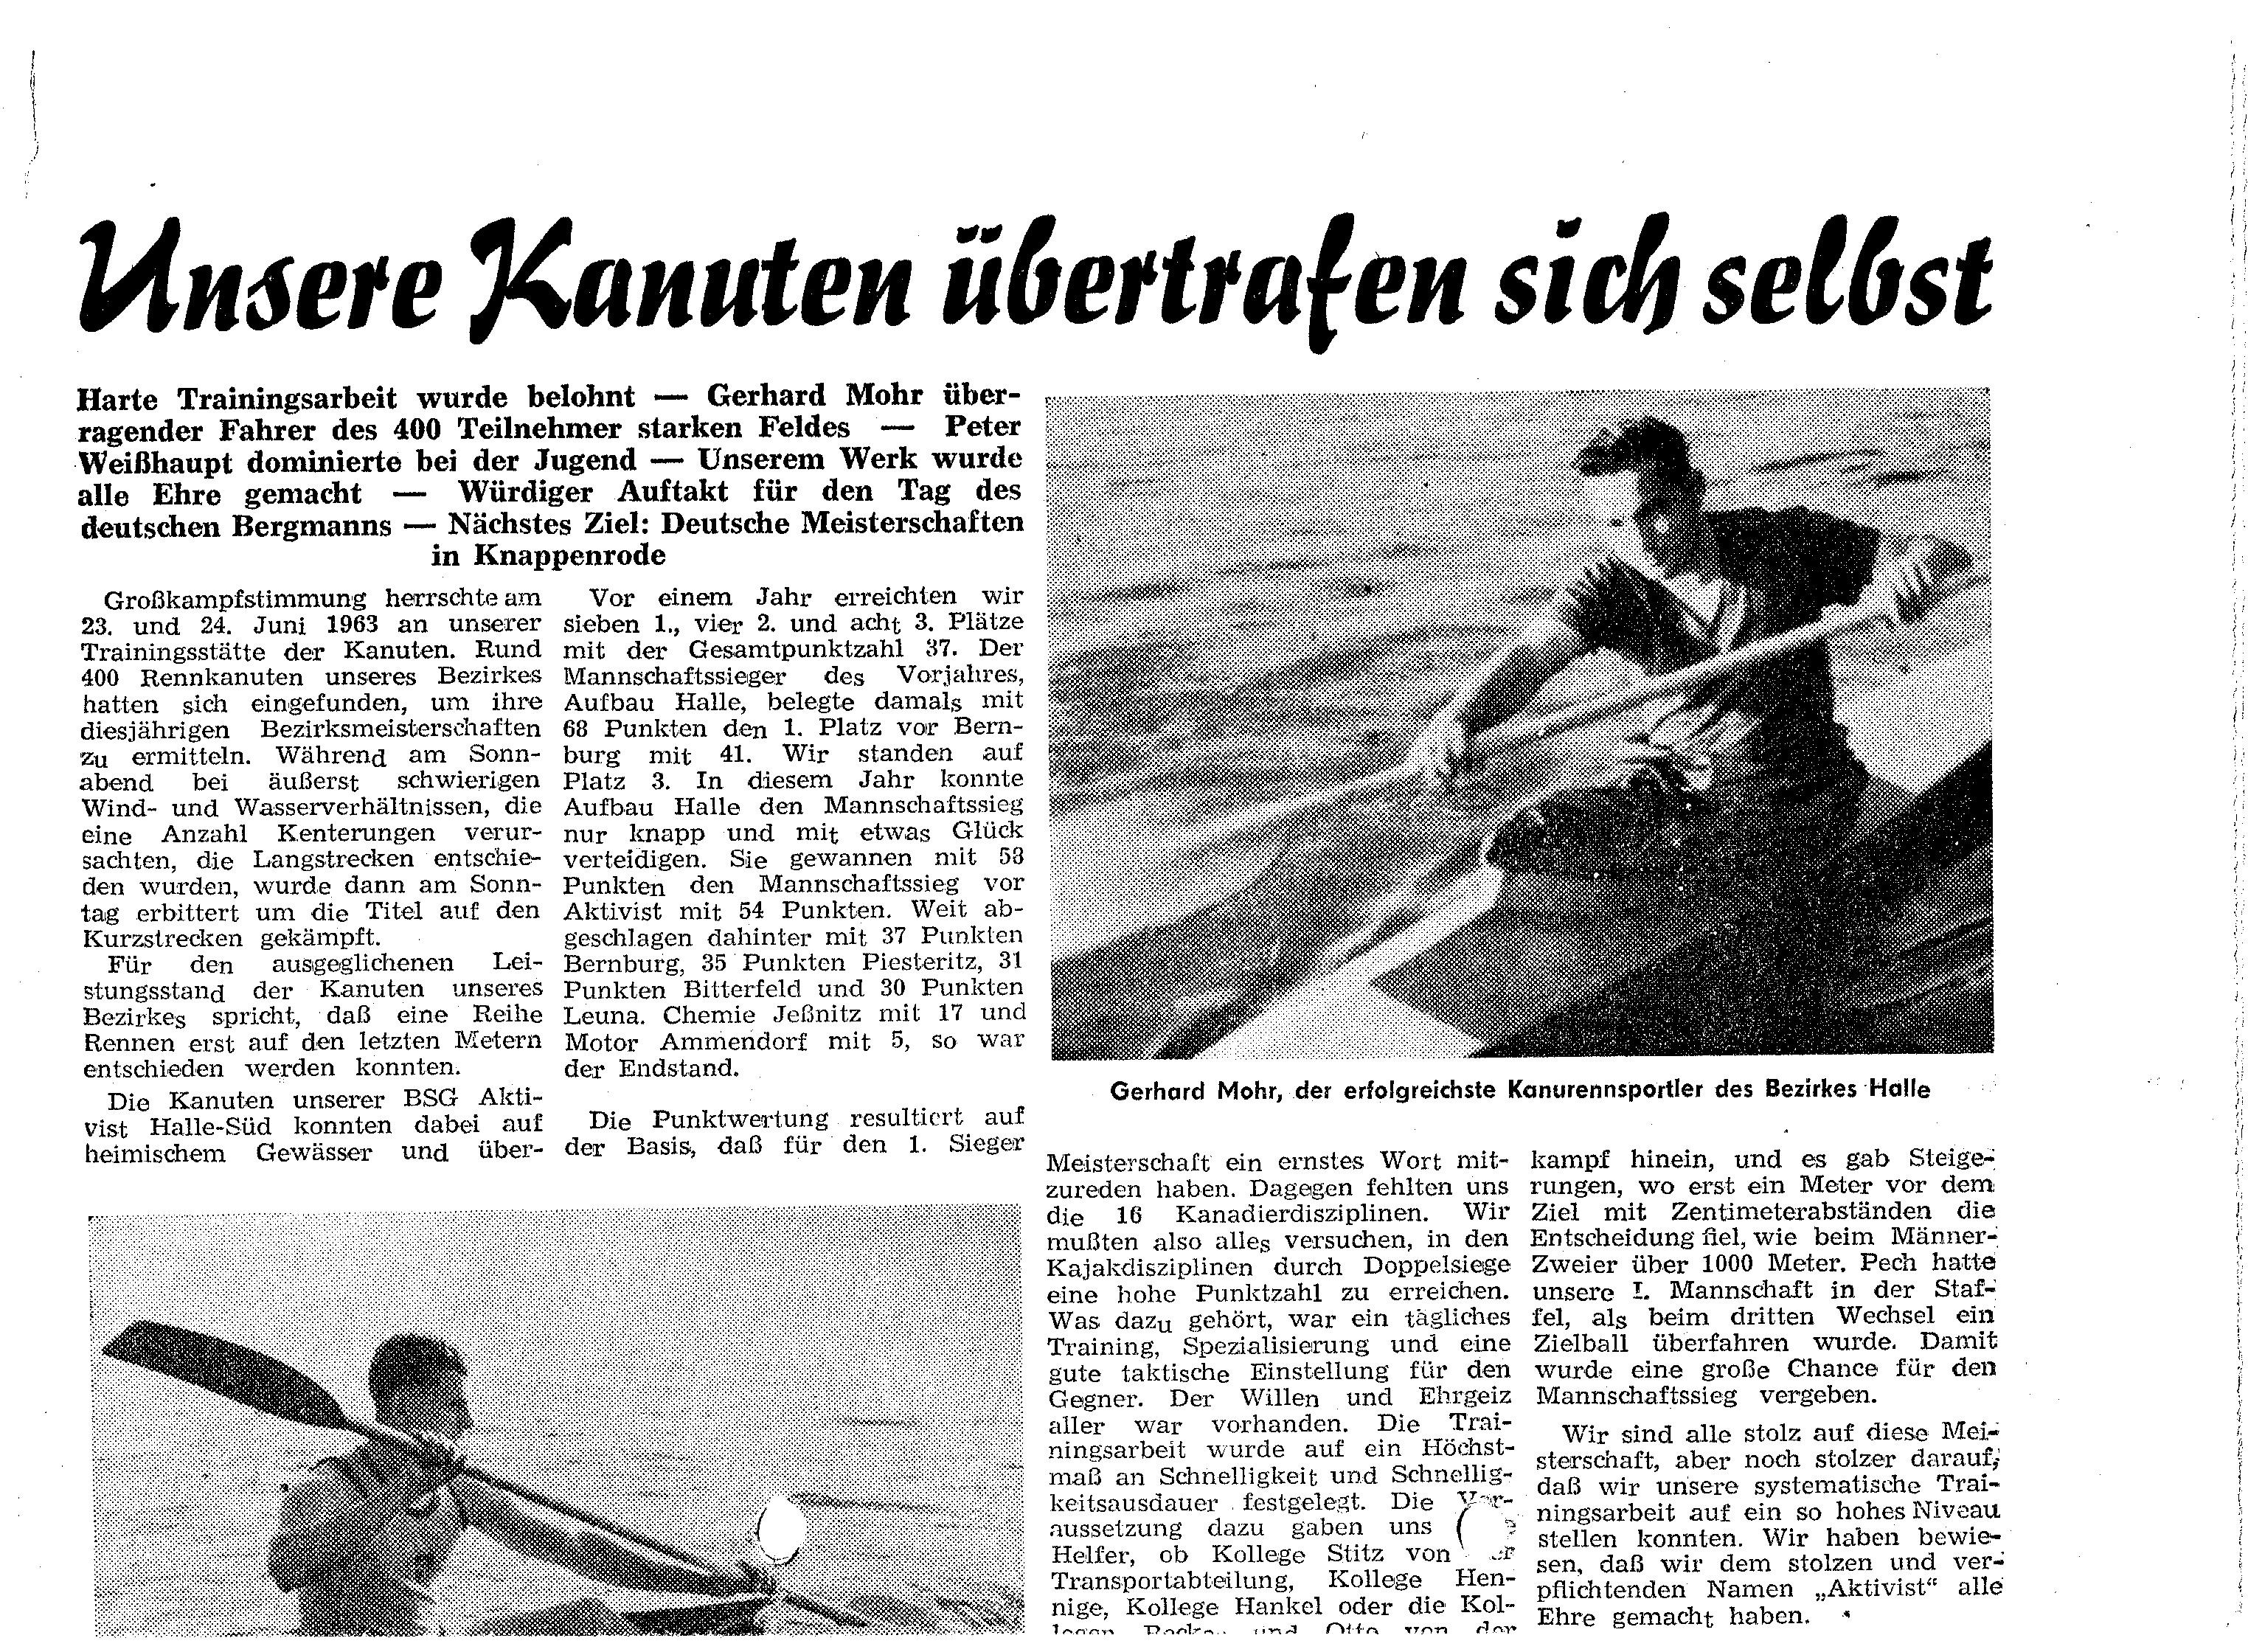 1963 -06-24Unsere Kanuten übertrafen sich selbst